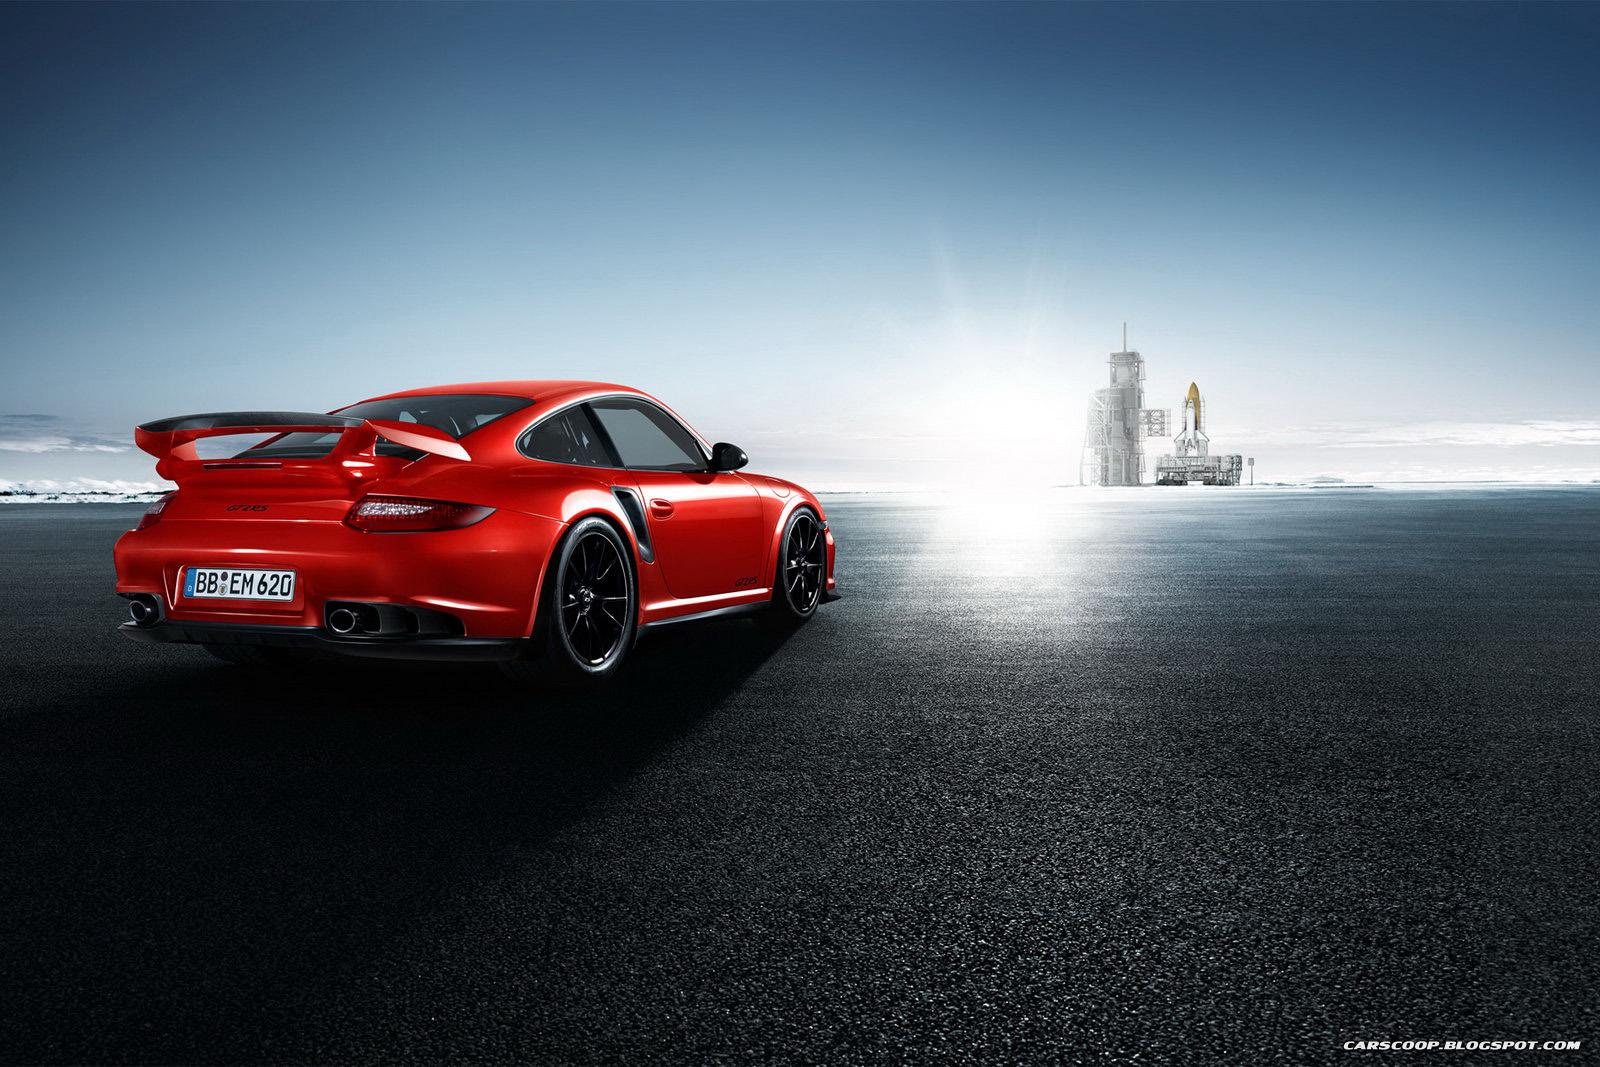 2010 Porsche 997 Gt2 Rs Page 2